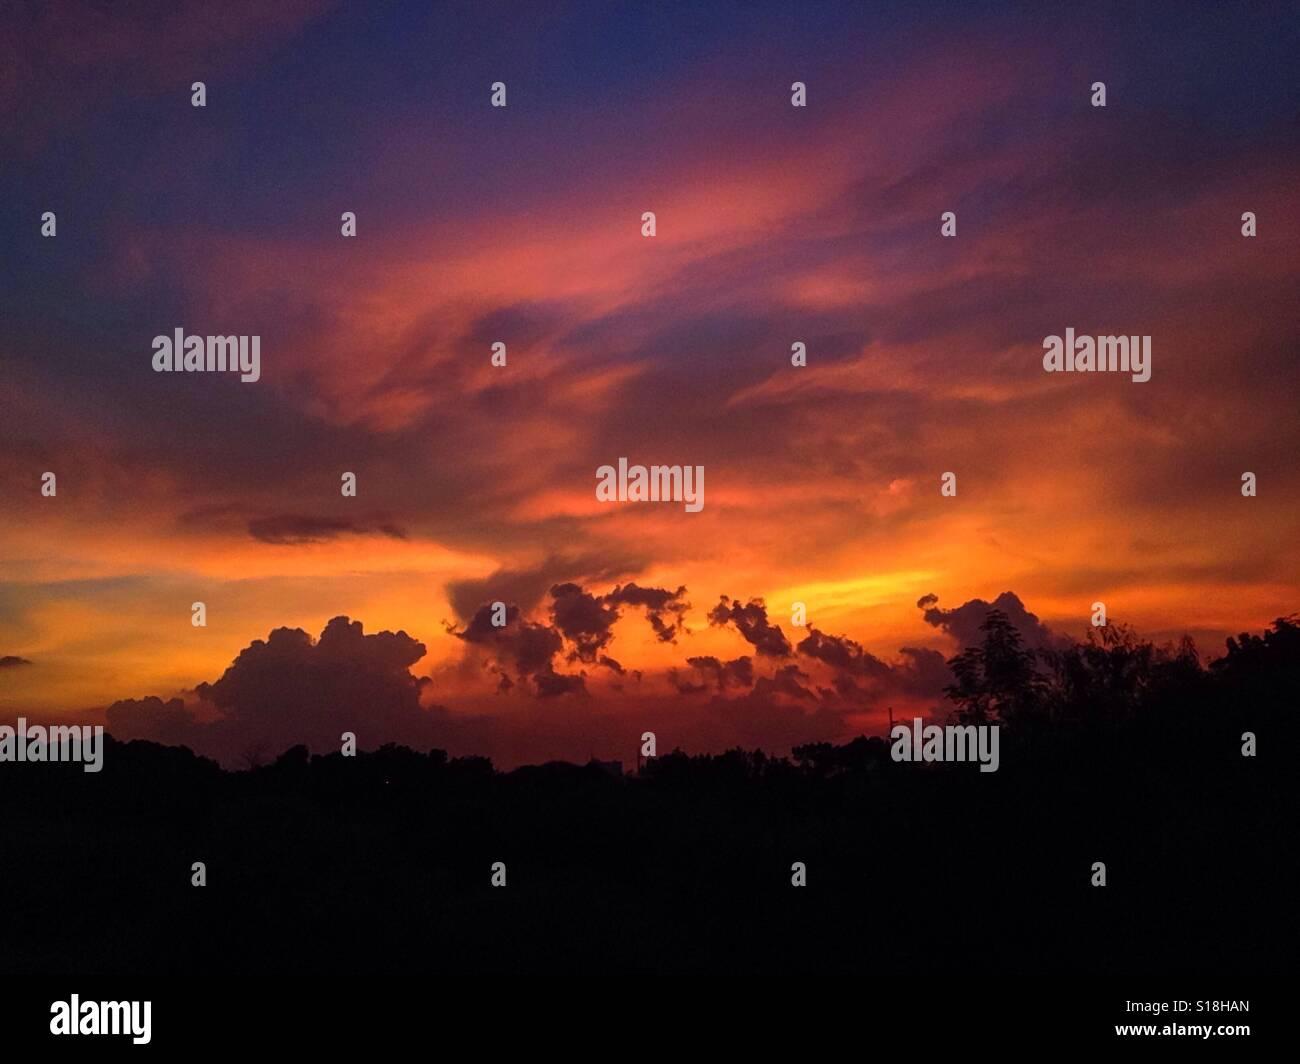 Kunst in den Himmel. Stockfoto